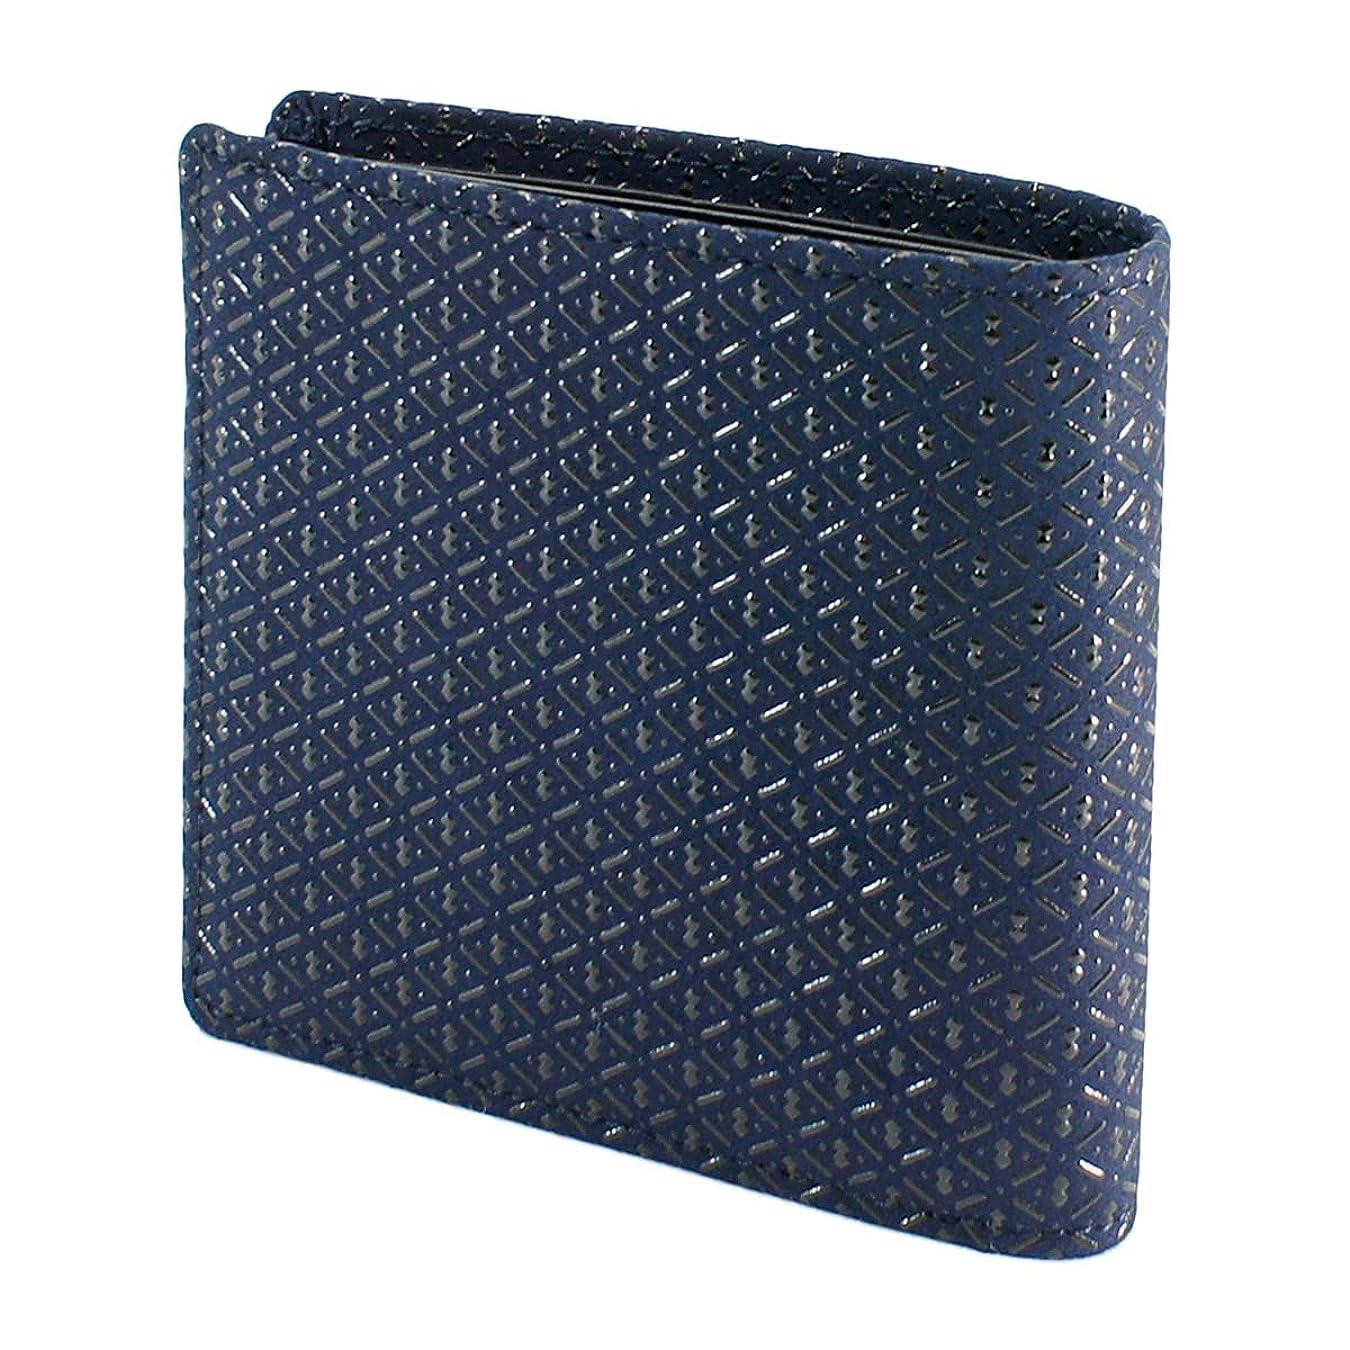 着服に向けて出発申し立てるINDEN-YA 印傳屋 印伝 財布 二つ折り財布 メンズ 男性用 紺×黒 ひょうたん 2009-04-007